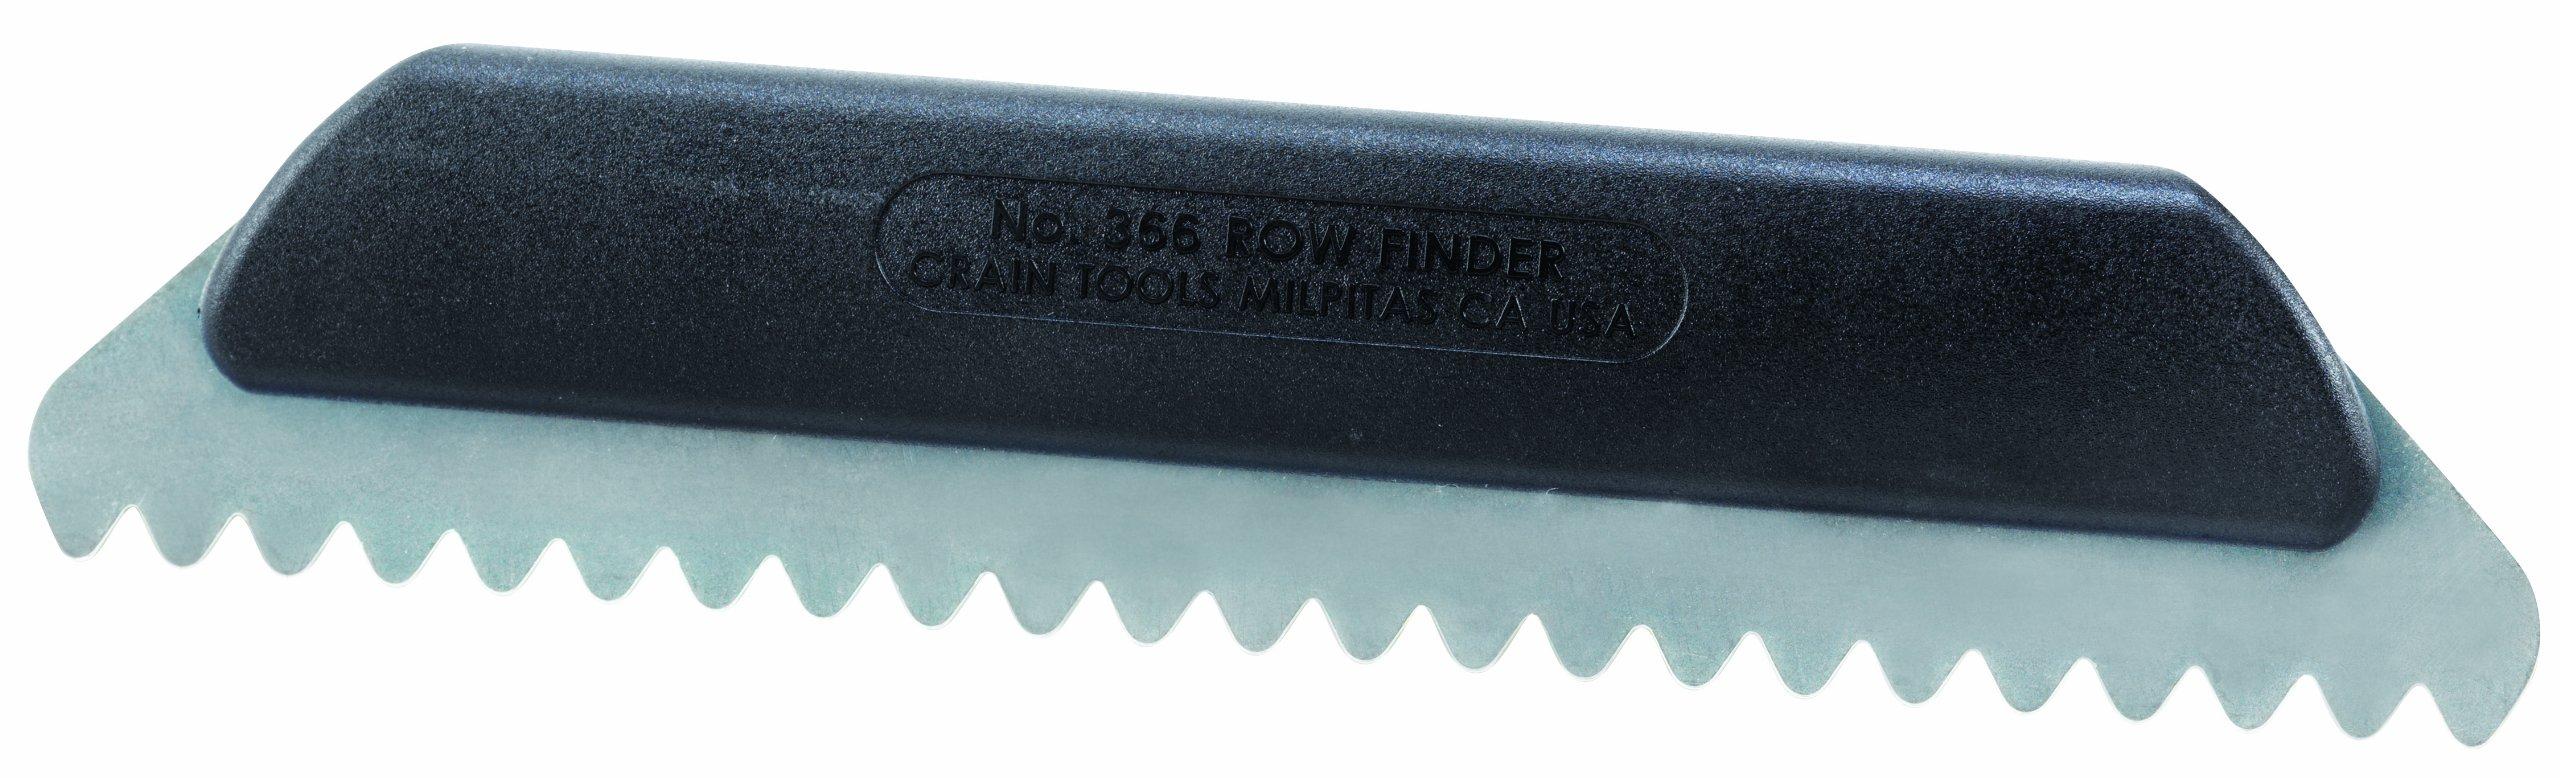 Crain 366 Row Finder